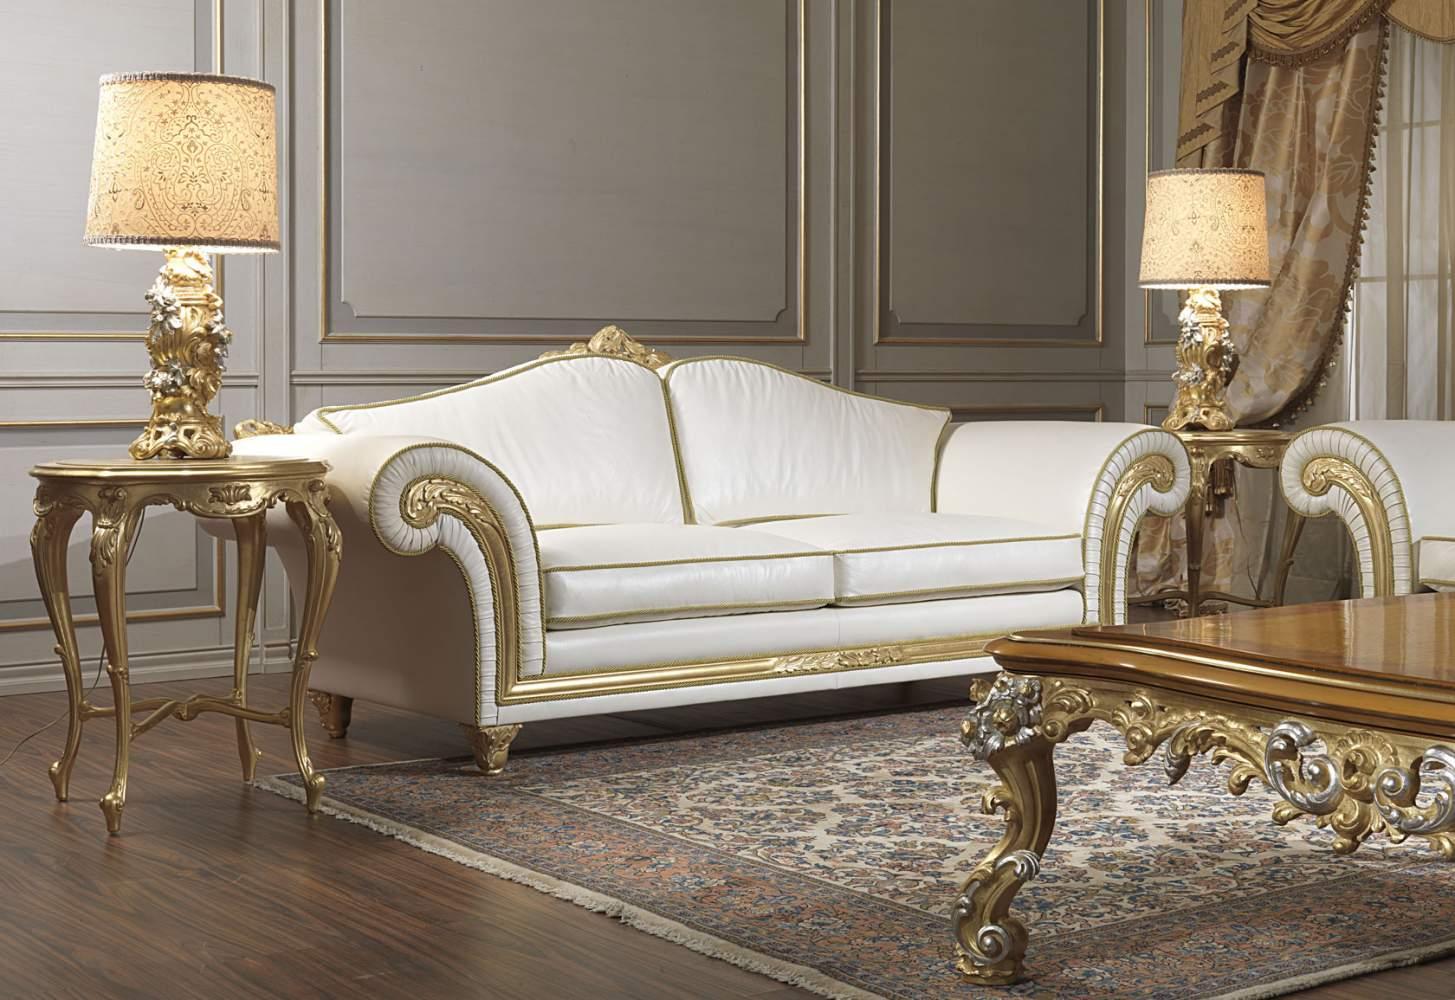 Divano classico imperial in pelle bianca vimercati meda - Divano classico in pelle ...